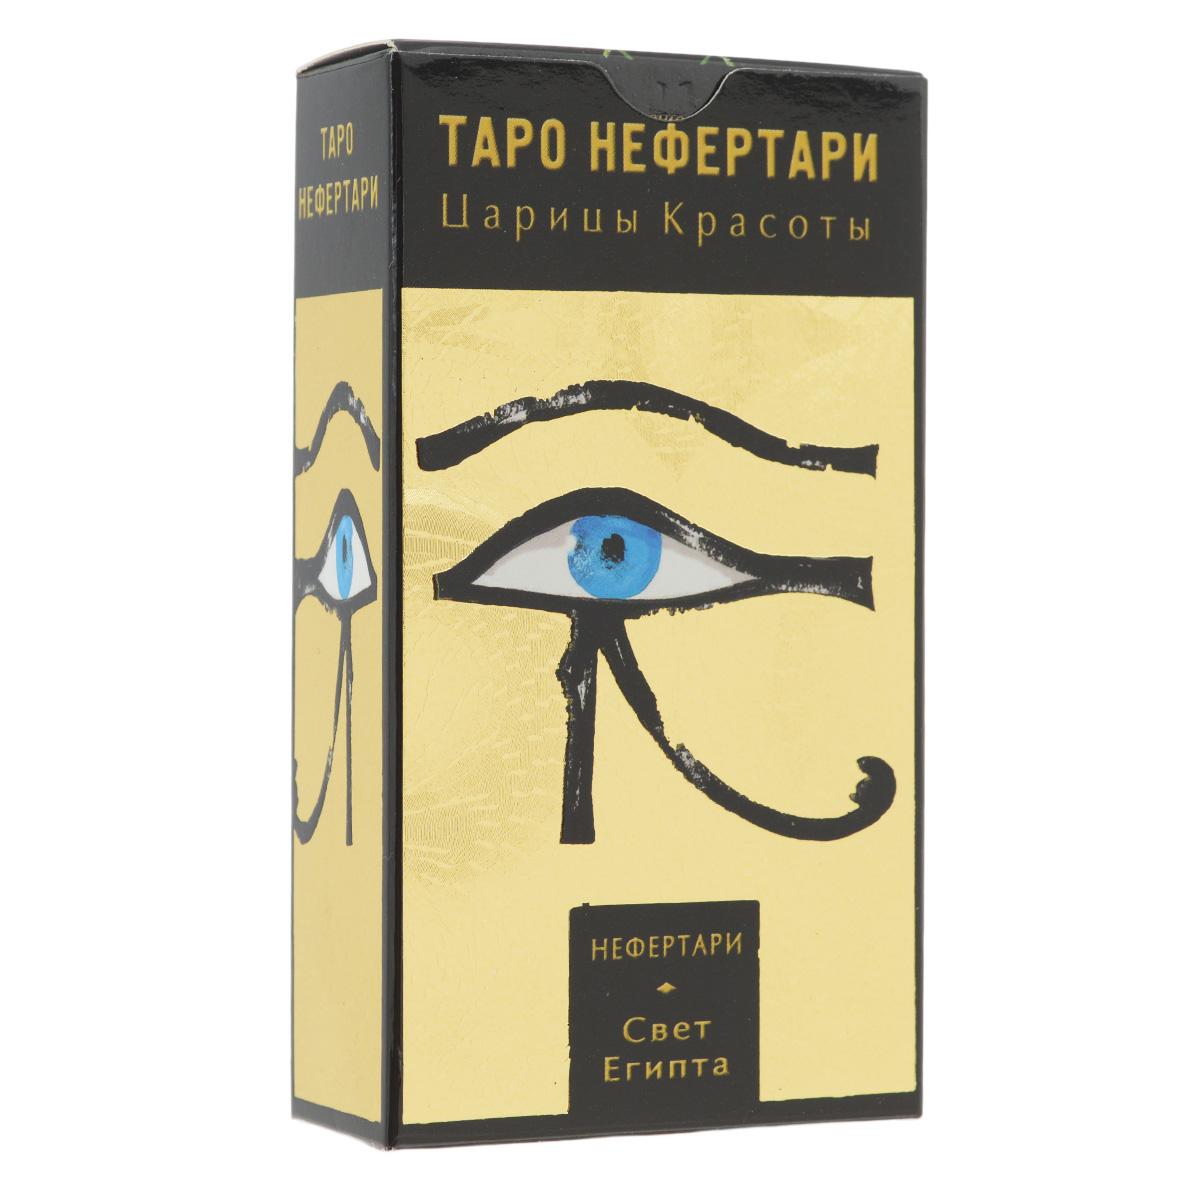 Карты Таро Аввалон-Ло скарабео Таро Нефертари, инструкция на русском языке. AV21AV21Колода Таро Нефертари состоит из 78 гадальных картонных карт и подробной инструкции на русском языке. Прекрасная Нефертари была старшей женой Рамзеса II, египетского фараона XIX династии. Он боготворил ее и называл Царицей Красоты. Данная колода оформлена фресками, посвященными Нефертари, и позволит вам проникнуть в мир, который когда-то был так дорог ей, прекрасной женщине, ставшей чудесным символом древней цивилизации. Все карты отделаны золотистым тиснением, напоминающем о горячем солнце Египта. Карты Таро - система символов, колода из 78 карт, появившаяся в Средневековье в XIV-XVI веке, в наши дни используется преимущественно для гадания. Изображения на картах Таро имеют свою особую символику и сложное истолкование с точки зрения астрологии, оккультизма и алхимии, поэтому традиционно Таро связывается с тайным знанием и считается загадочным. Гадание на картах Таро на сегодняшний день являются самым распространенным способом гадания. Оно представляет собой...